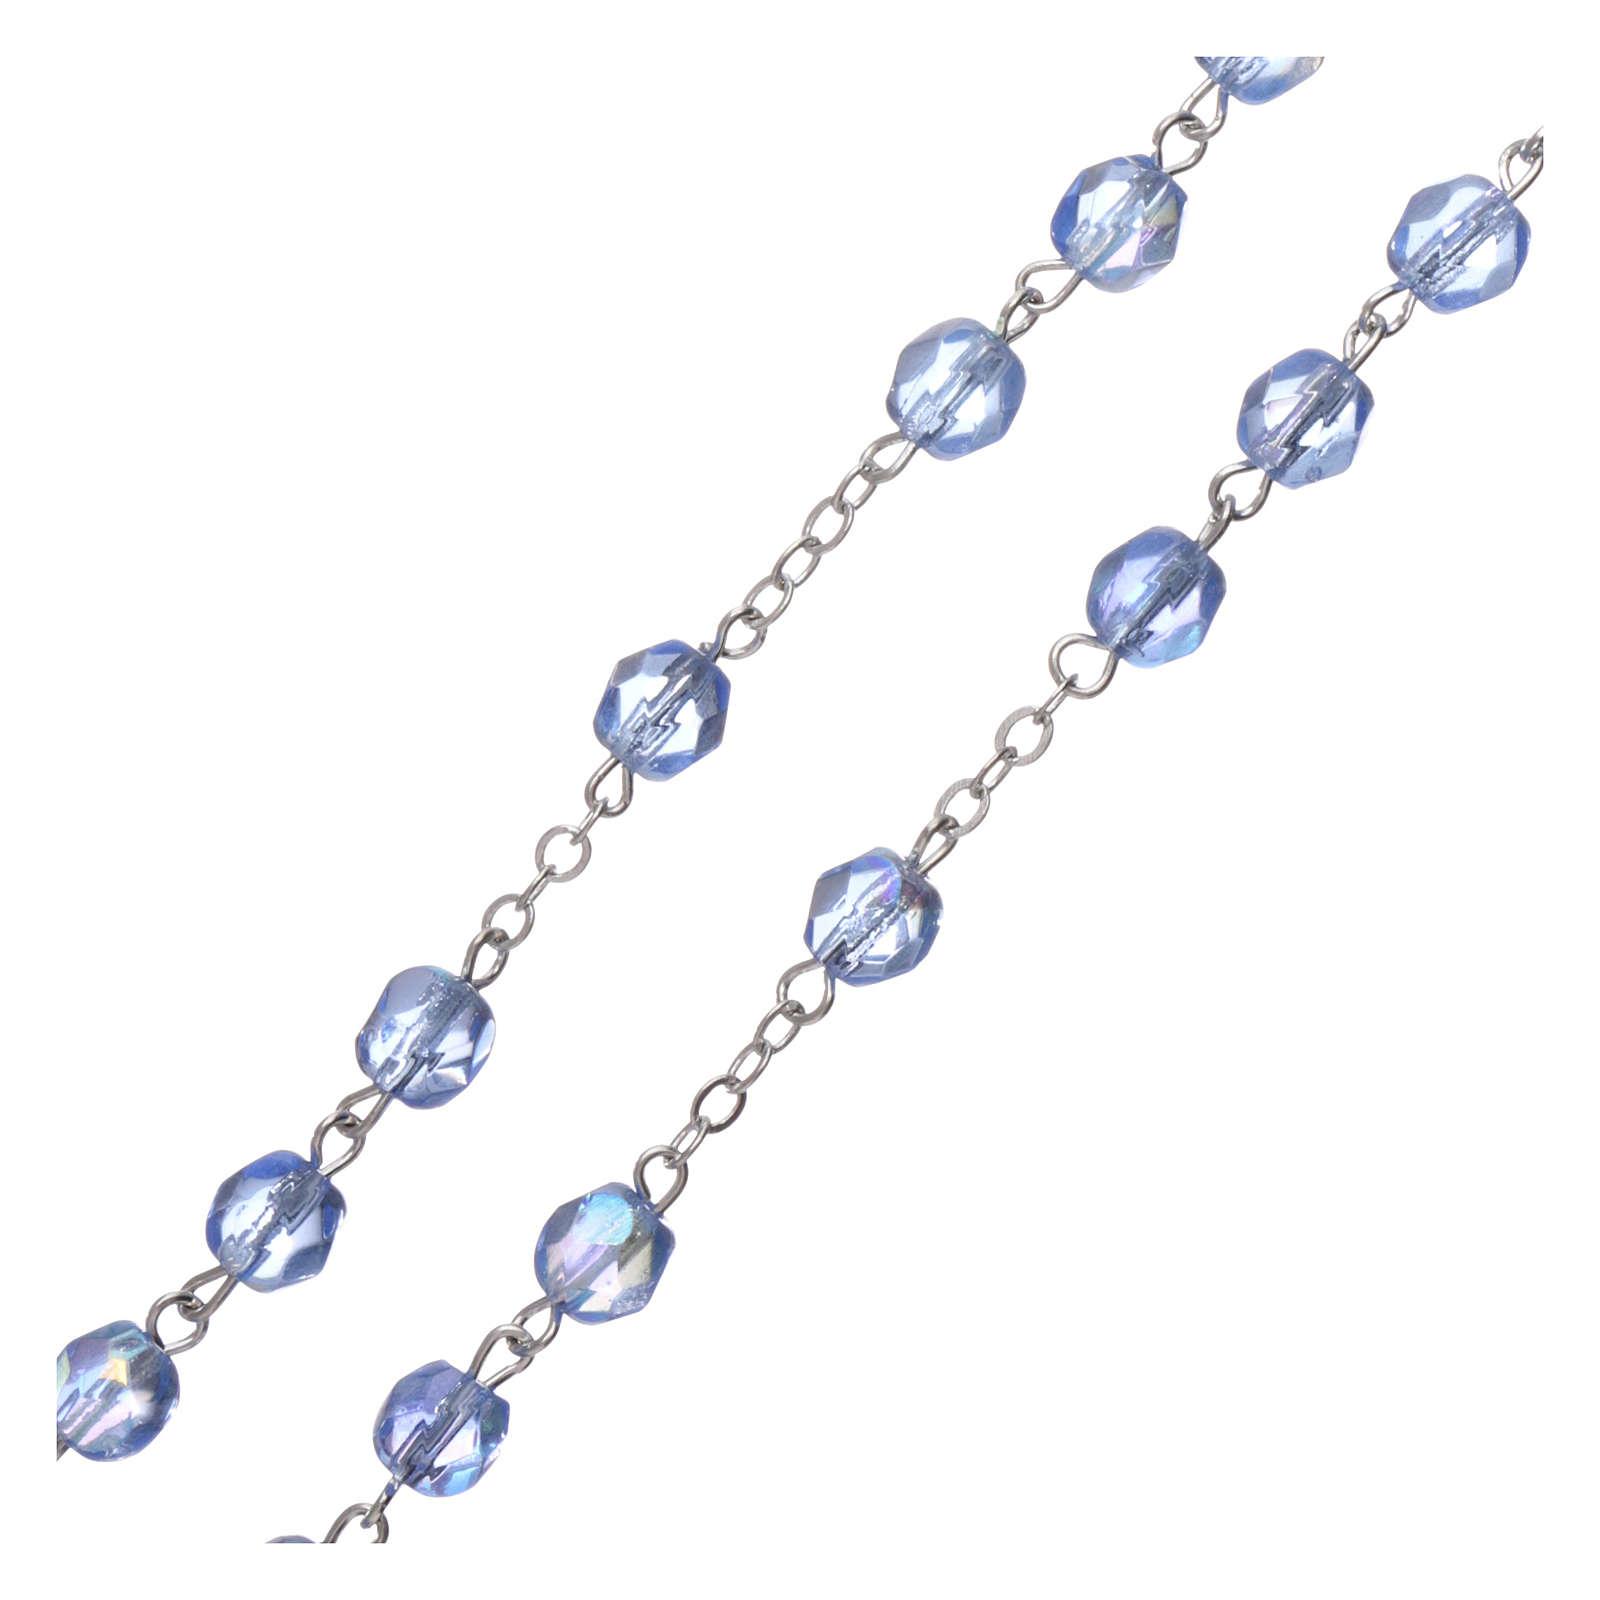 Chapelet semi-cristal Fatima terre 6x4 mm bleu clair 4